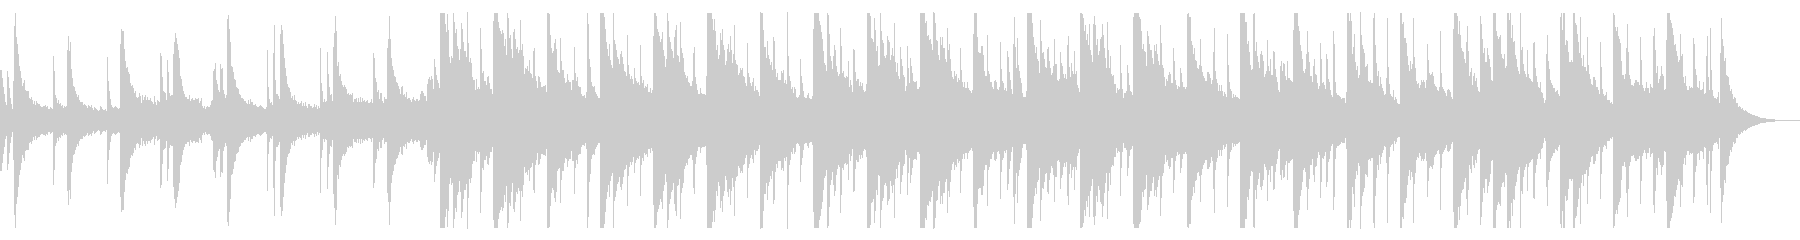 卒業をイメージしたピアノBGM_3の未再生の波形